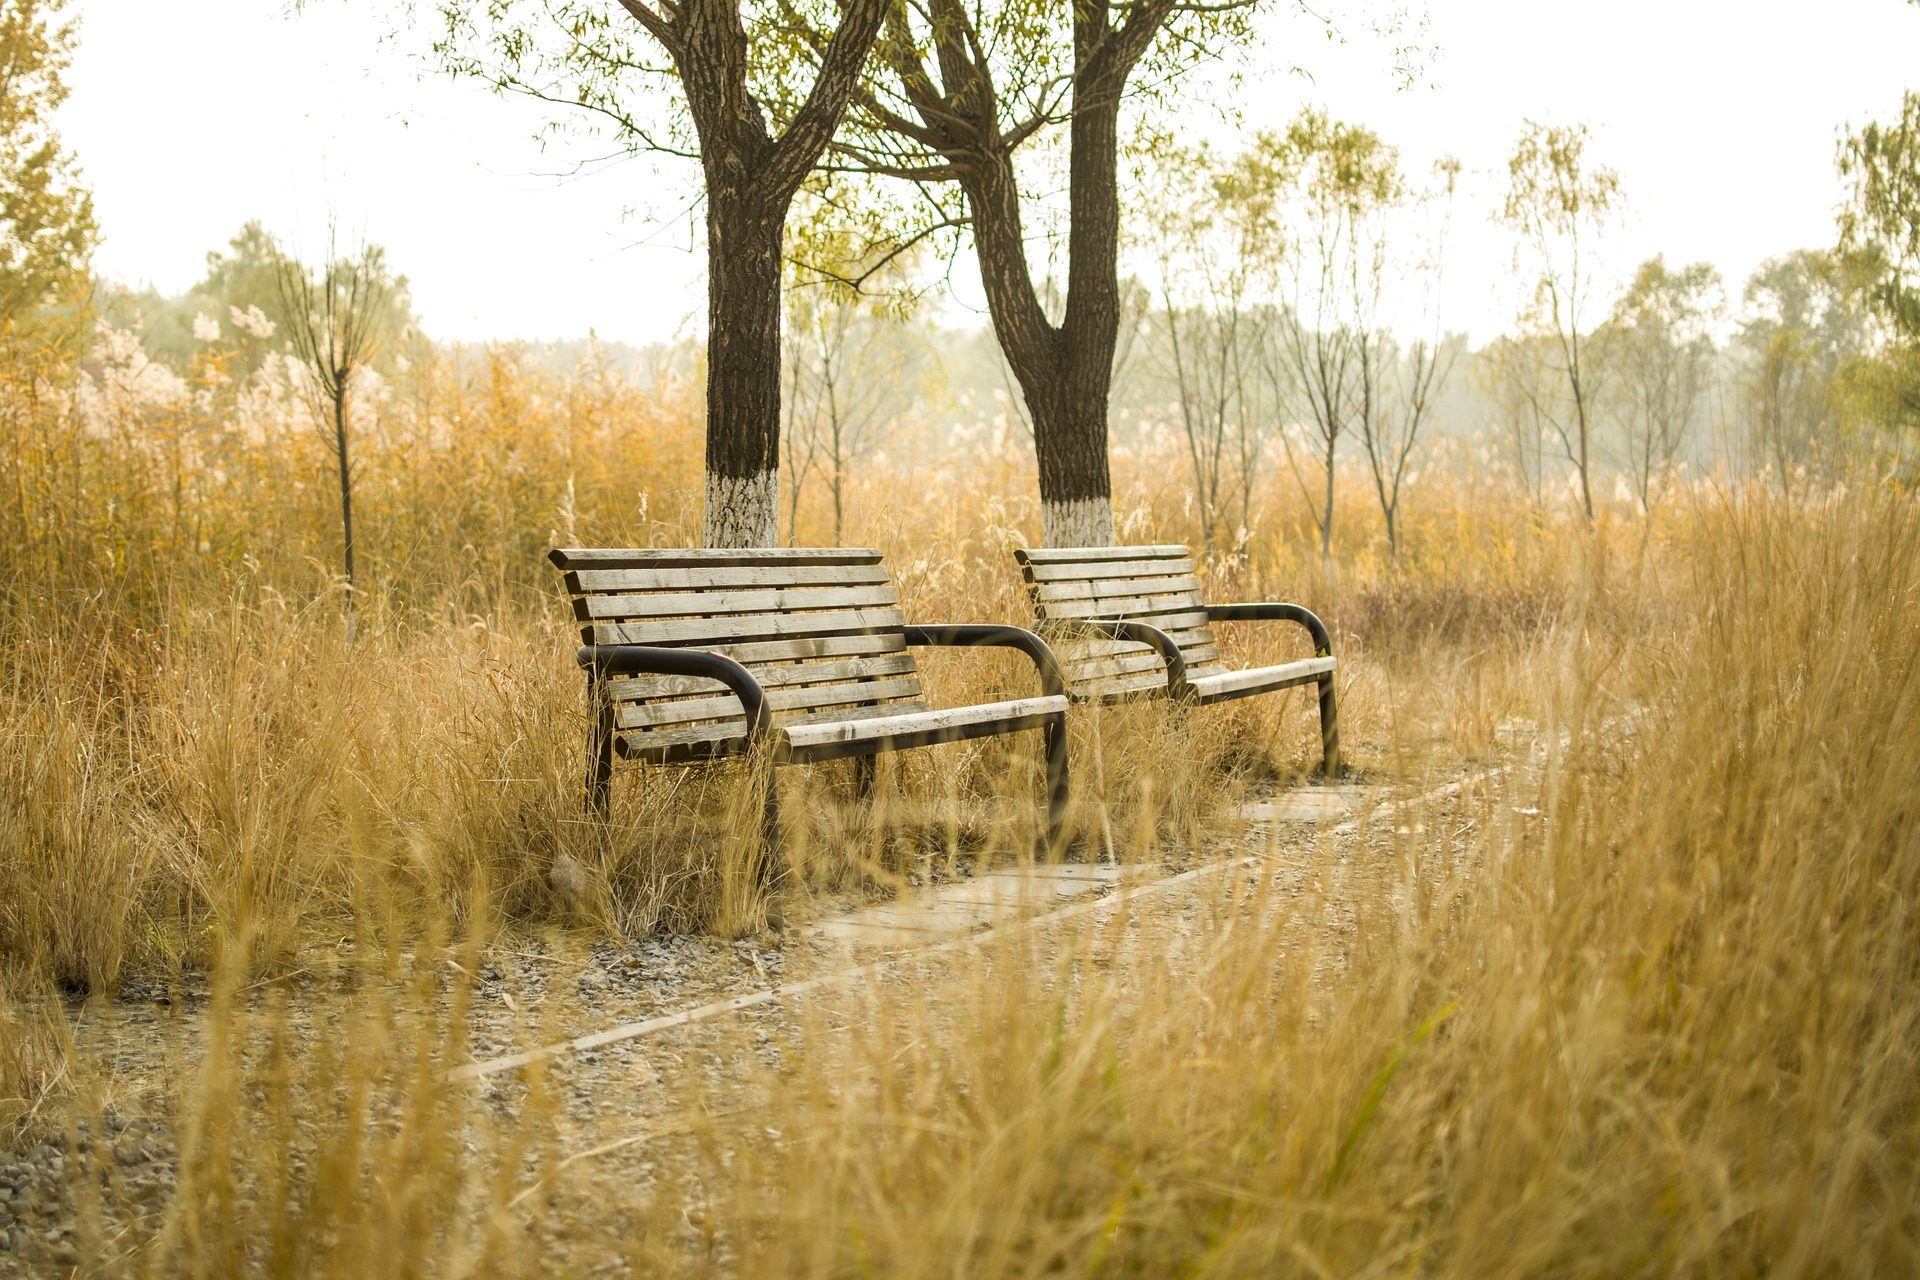 bancos, parque, camino, pasto, madera, otoño, árboles - Fondos de Pantalla HD - professor-falken.com